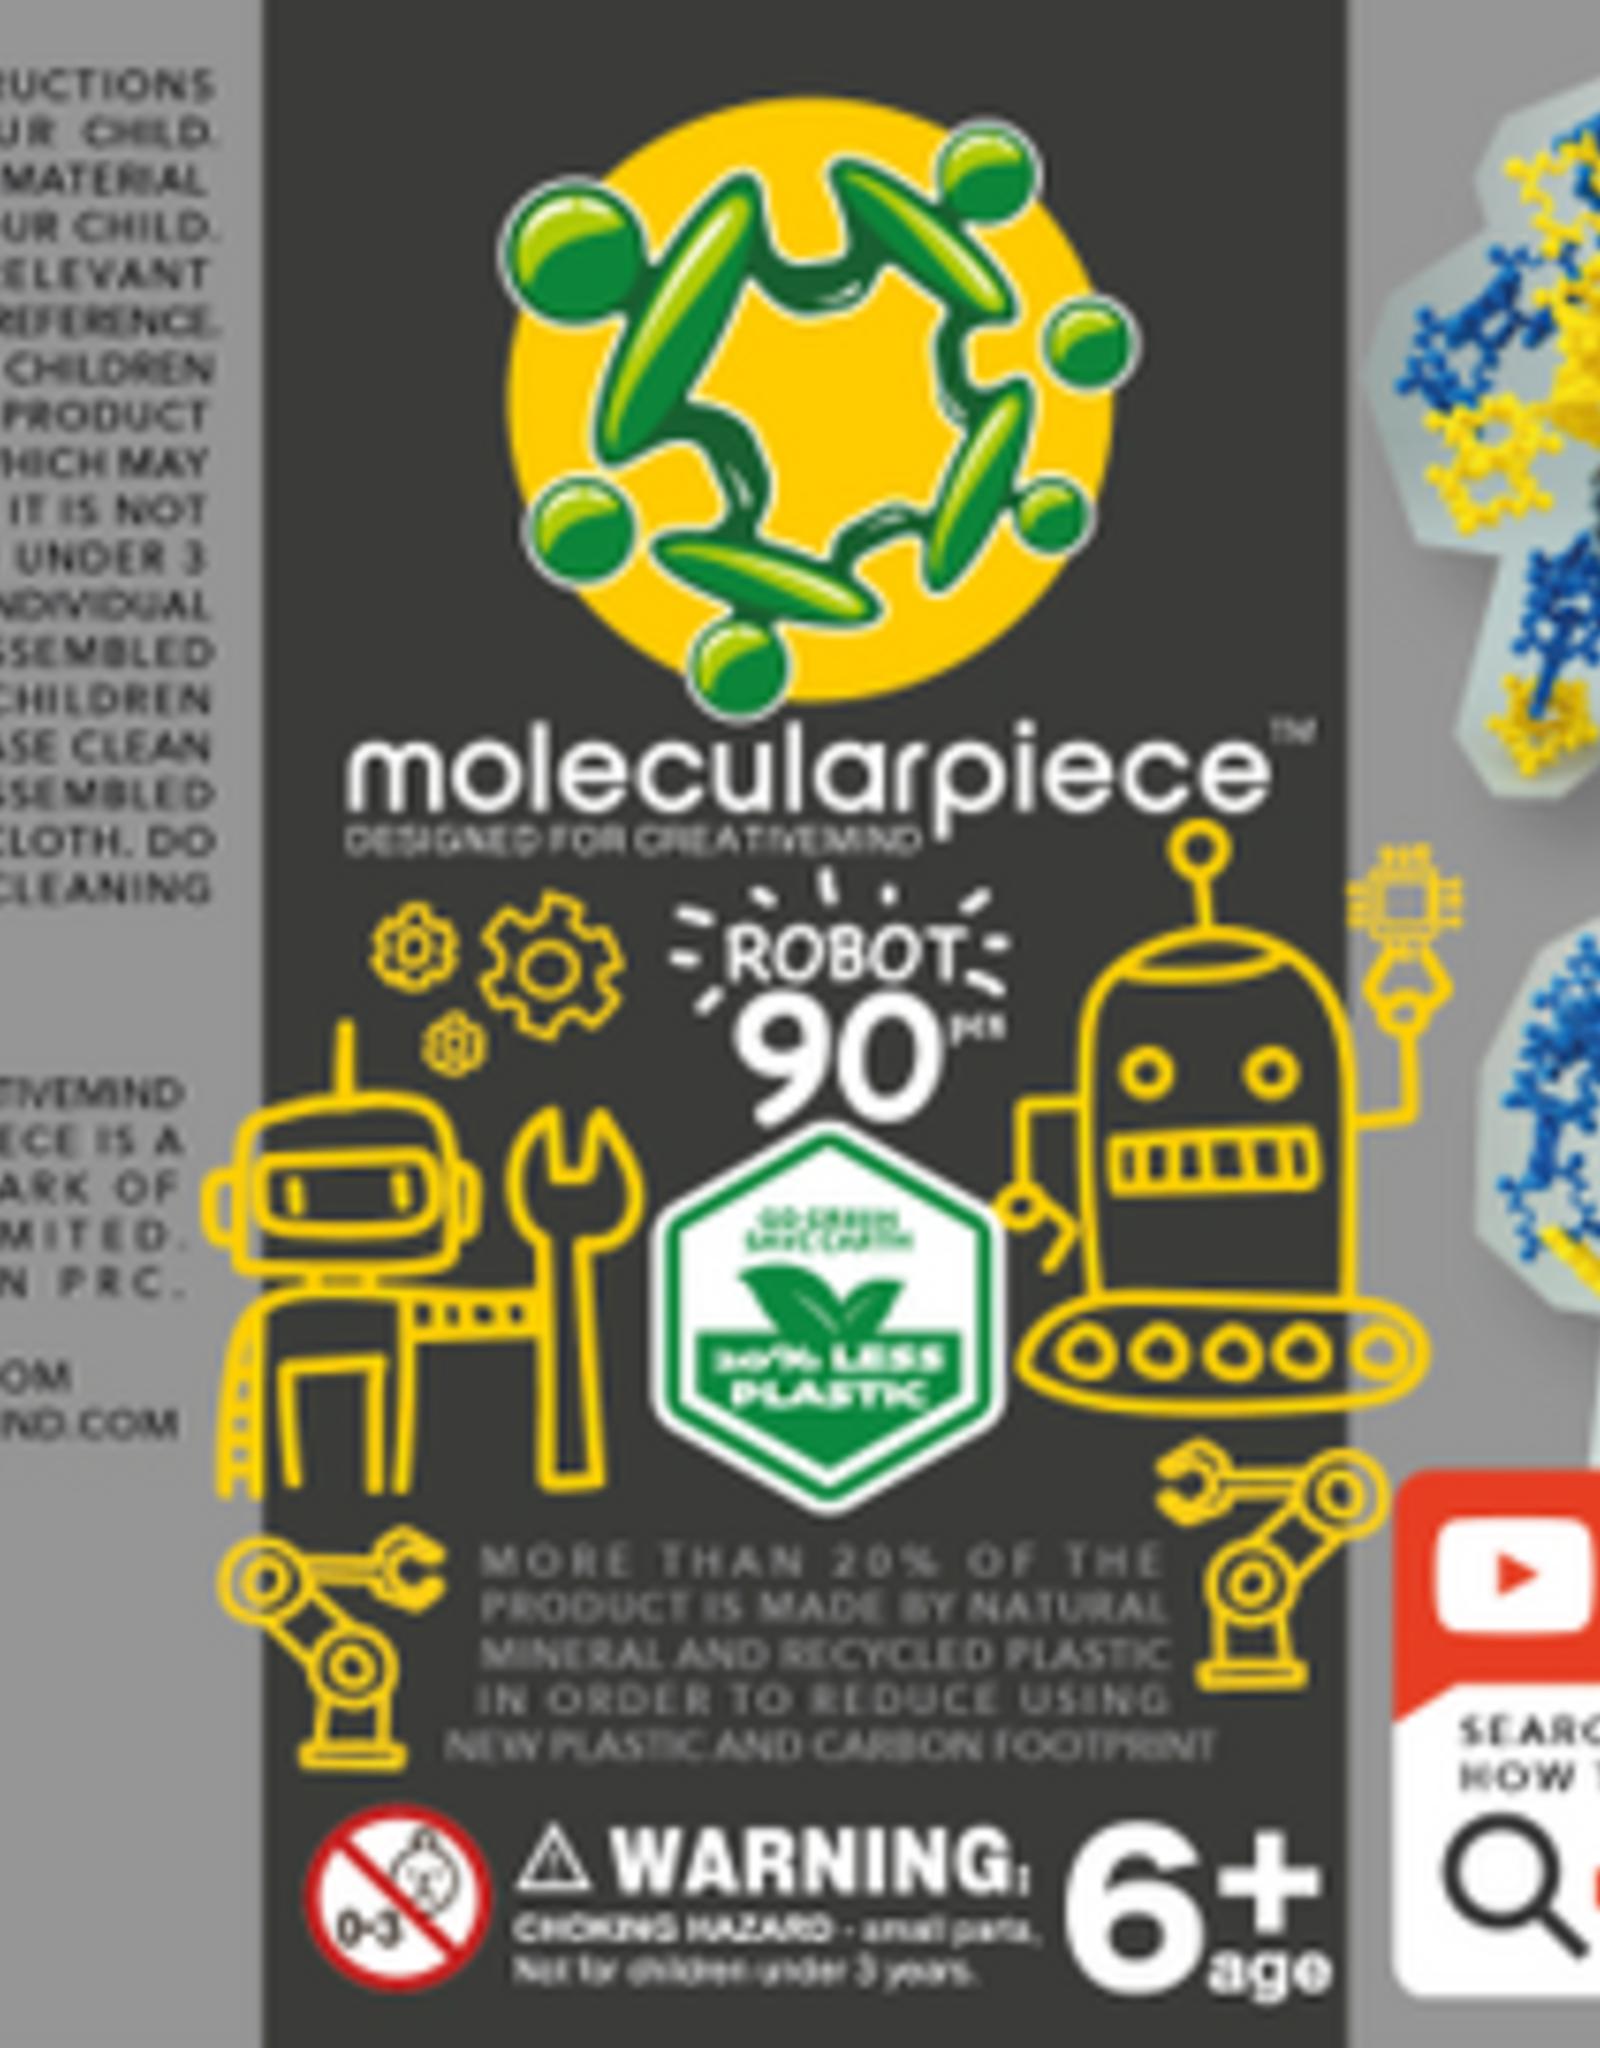 Molecularpiece, Robot